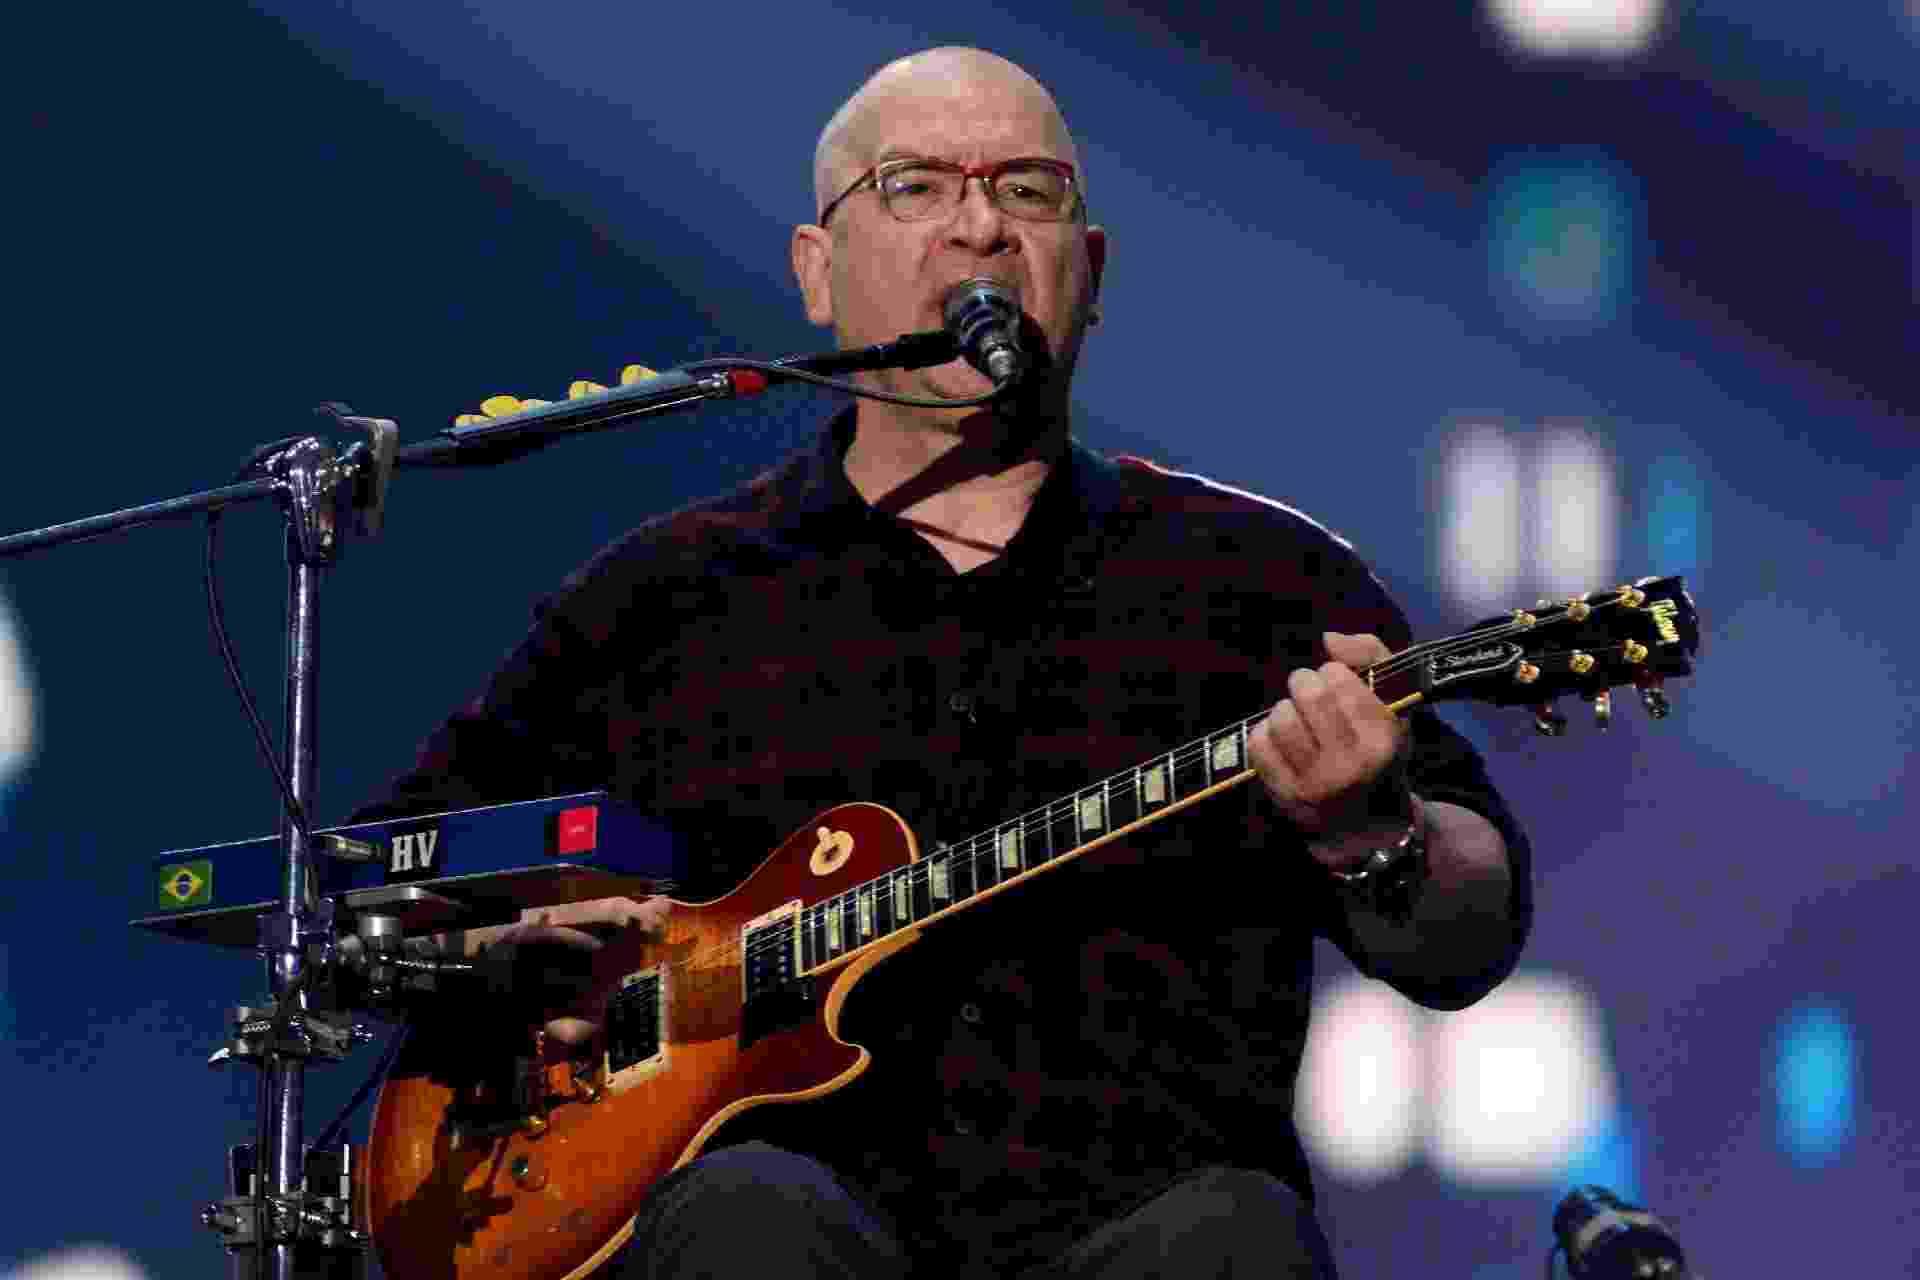 Herbert Vianna, voz, guitarra e violão do Paralamas, no Palco Mundo do Rock in Rio 2019 - FERNANDA BALSTER/FOTOARENA/ESTADÃO CONTEÚDO